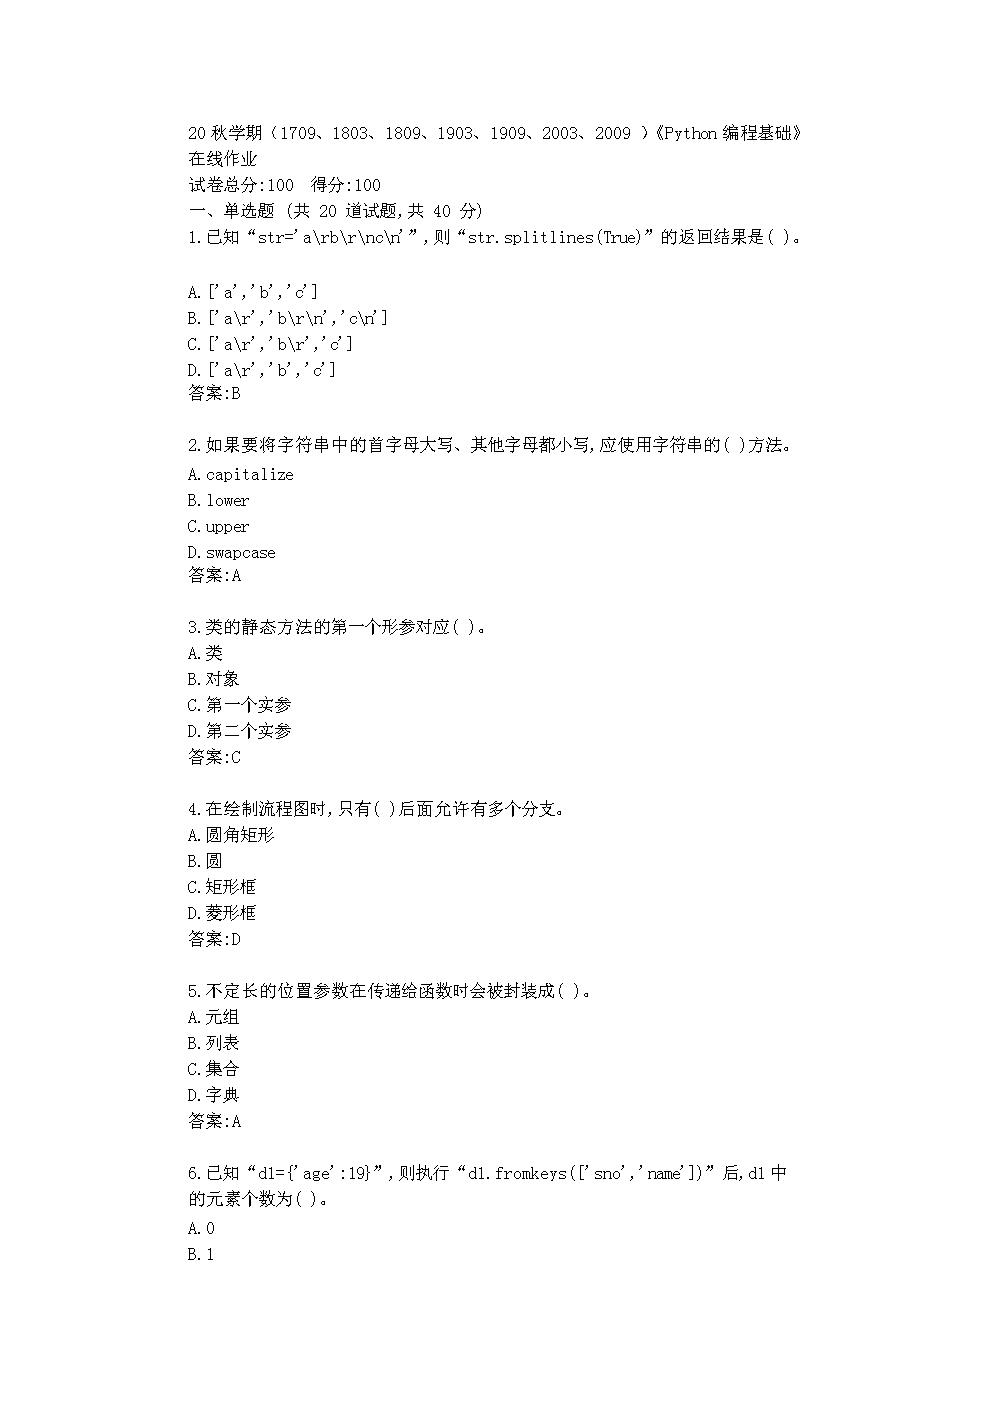 南开20秋学期《Python编程基础》在线作业【标准答案】.docx